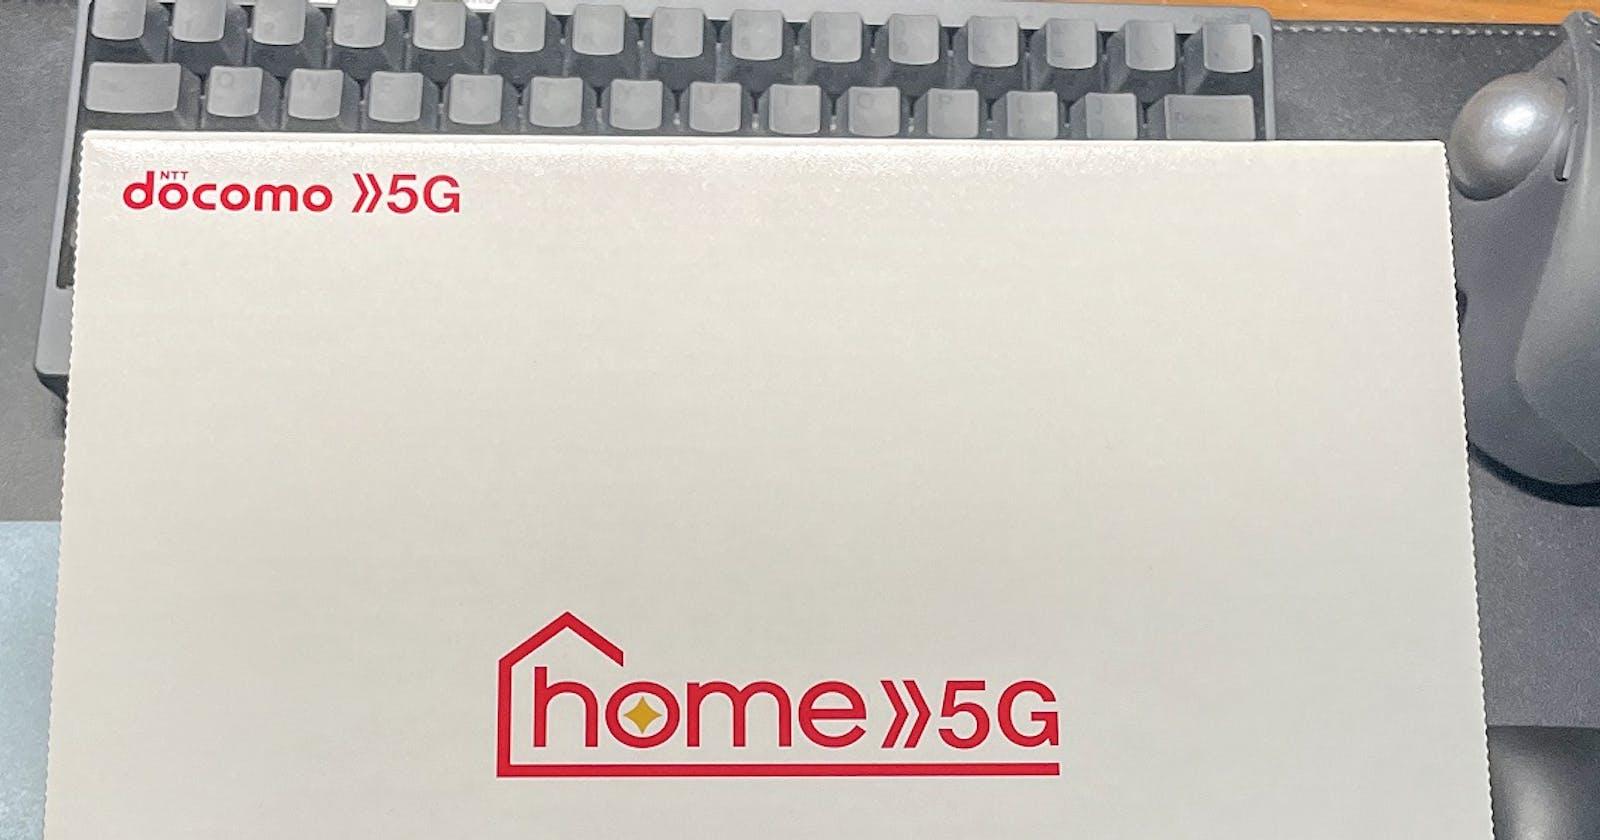 Docomo home 5G を契約したので SoftBank Air と対戦してもらった